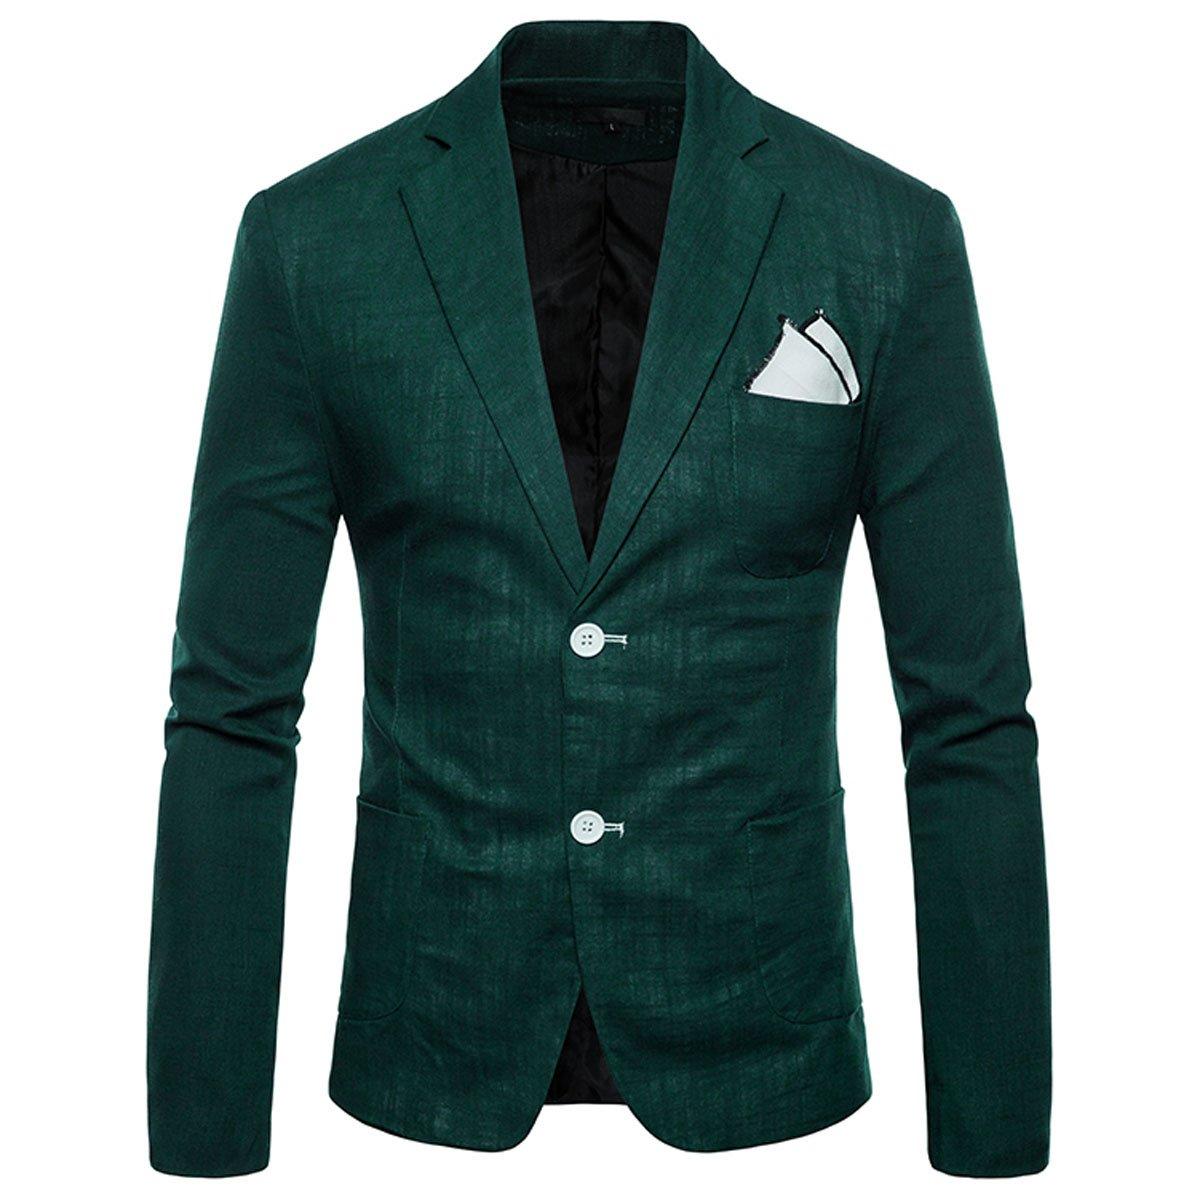 INVACHI Slim Fit Mens Casual Linen Two-Button Blazer Jacket Suit Jacket